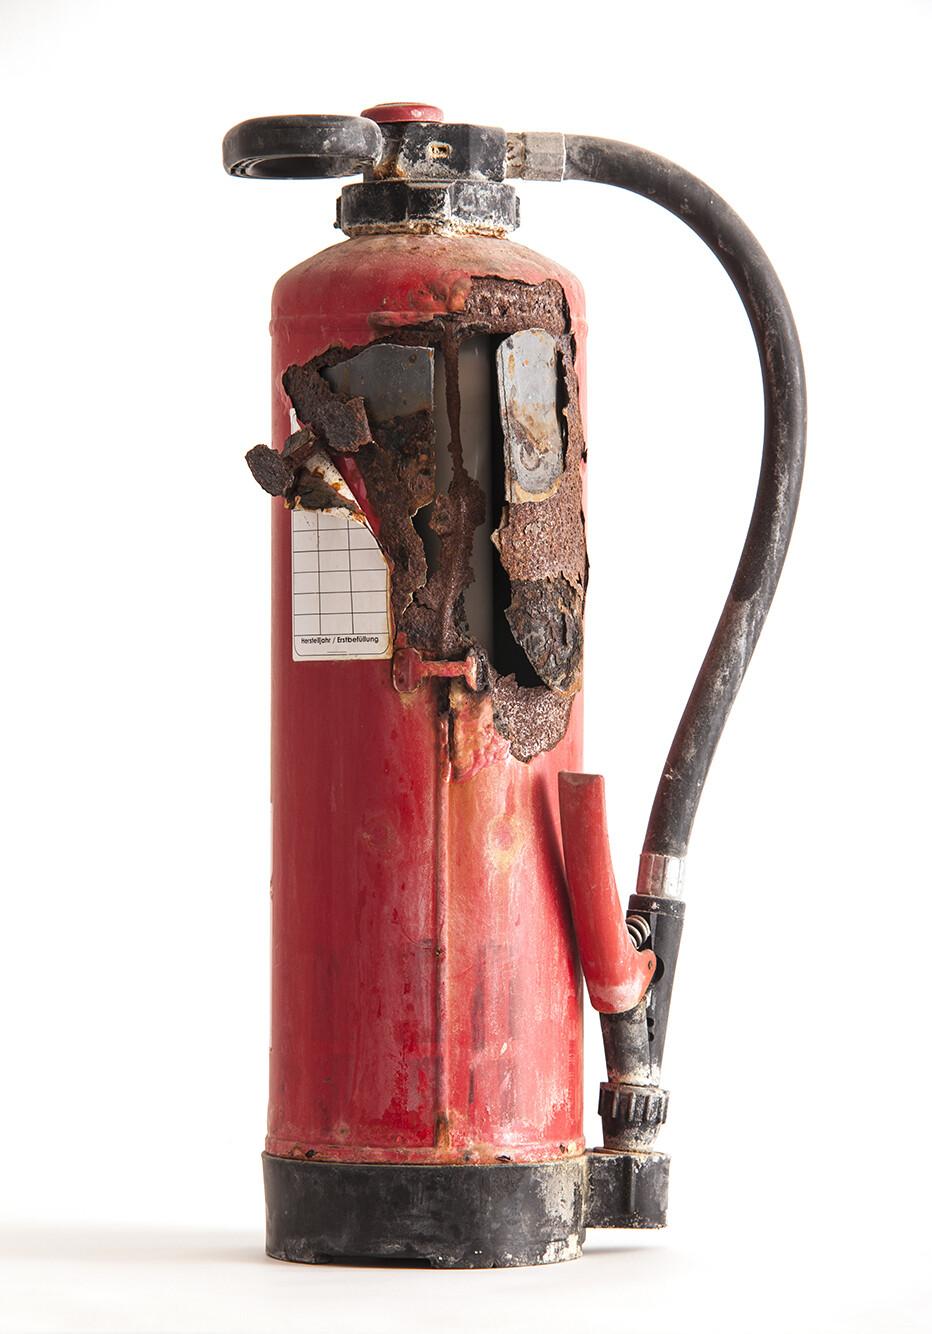 Feuerlöscher Entsorgung